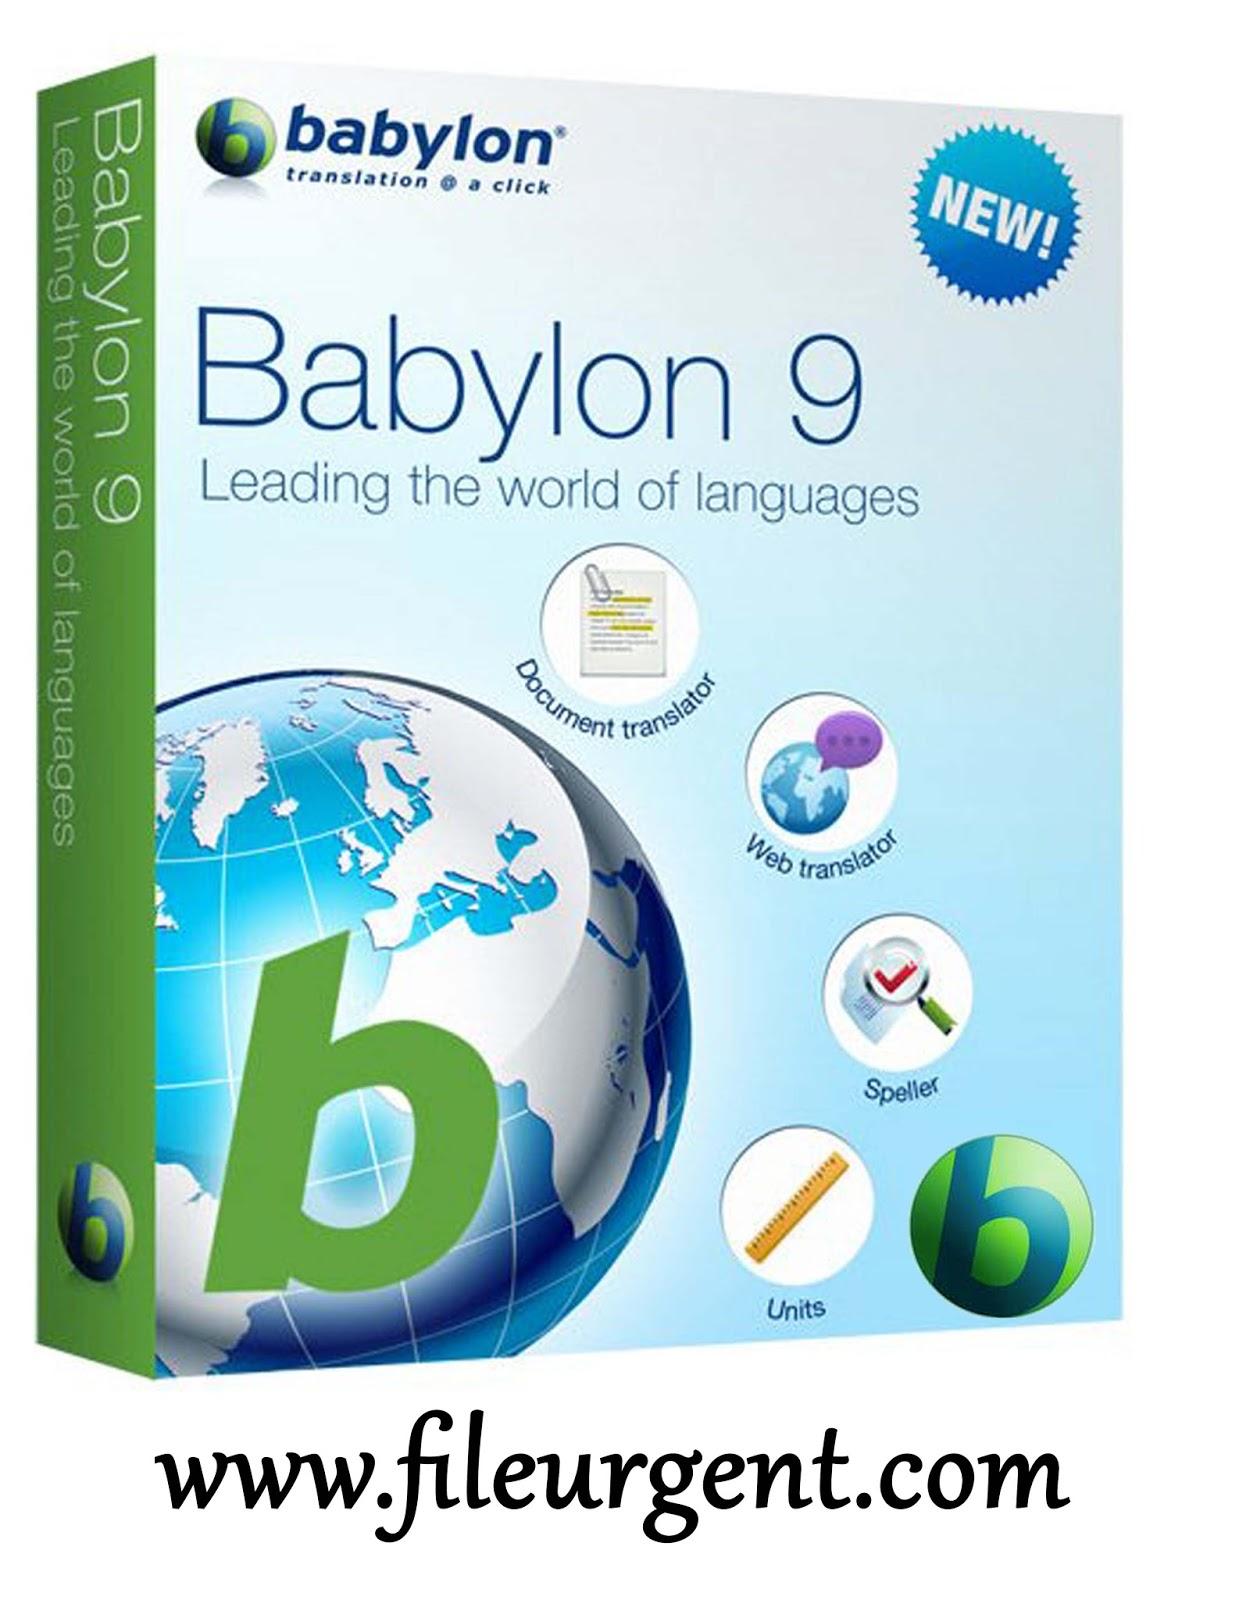 Babylon Pro 10.5.0.11 Retail free